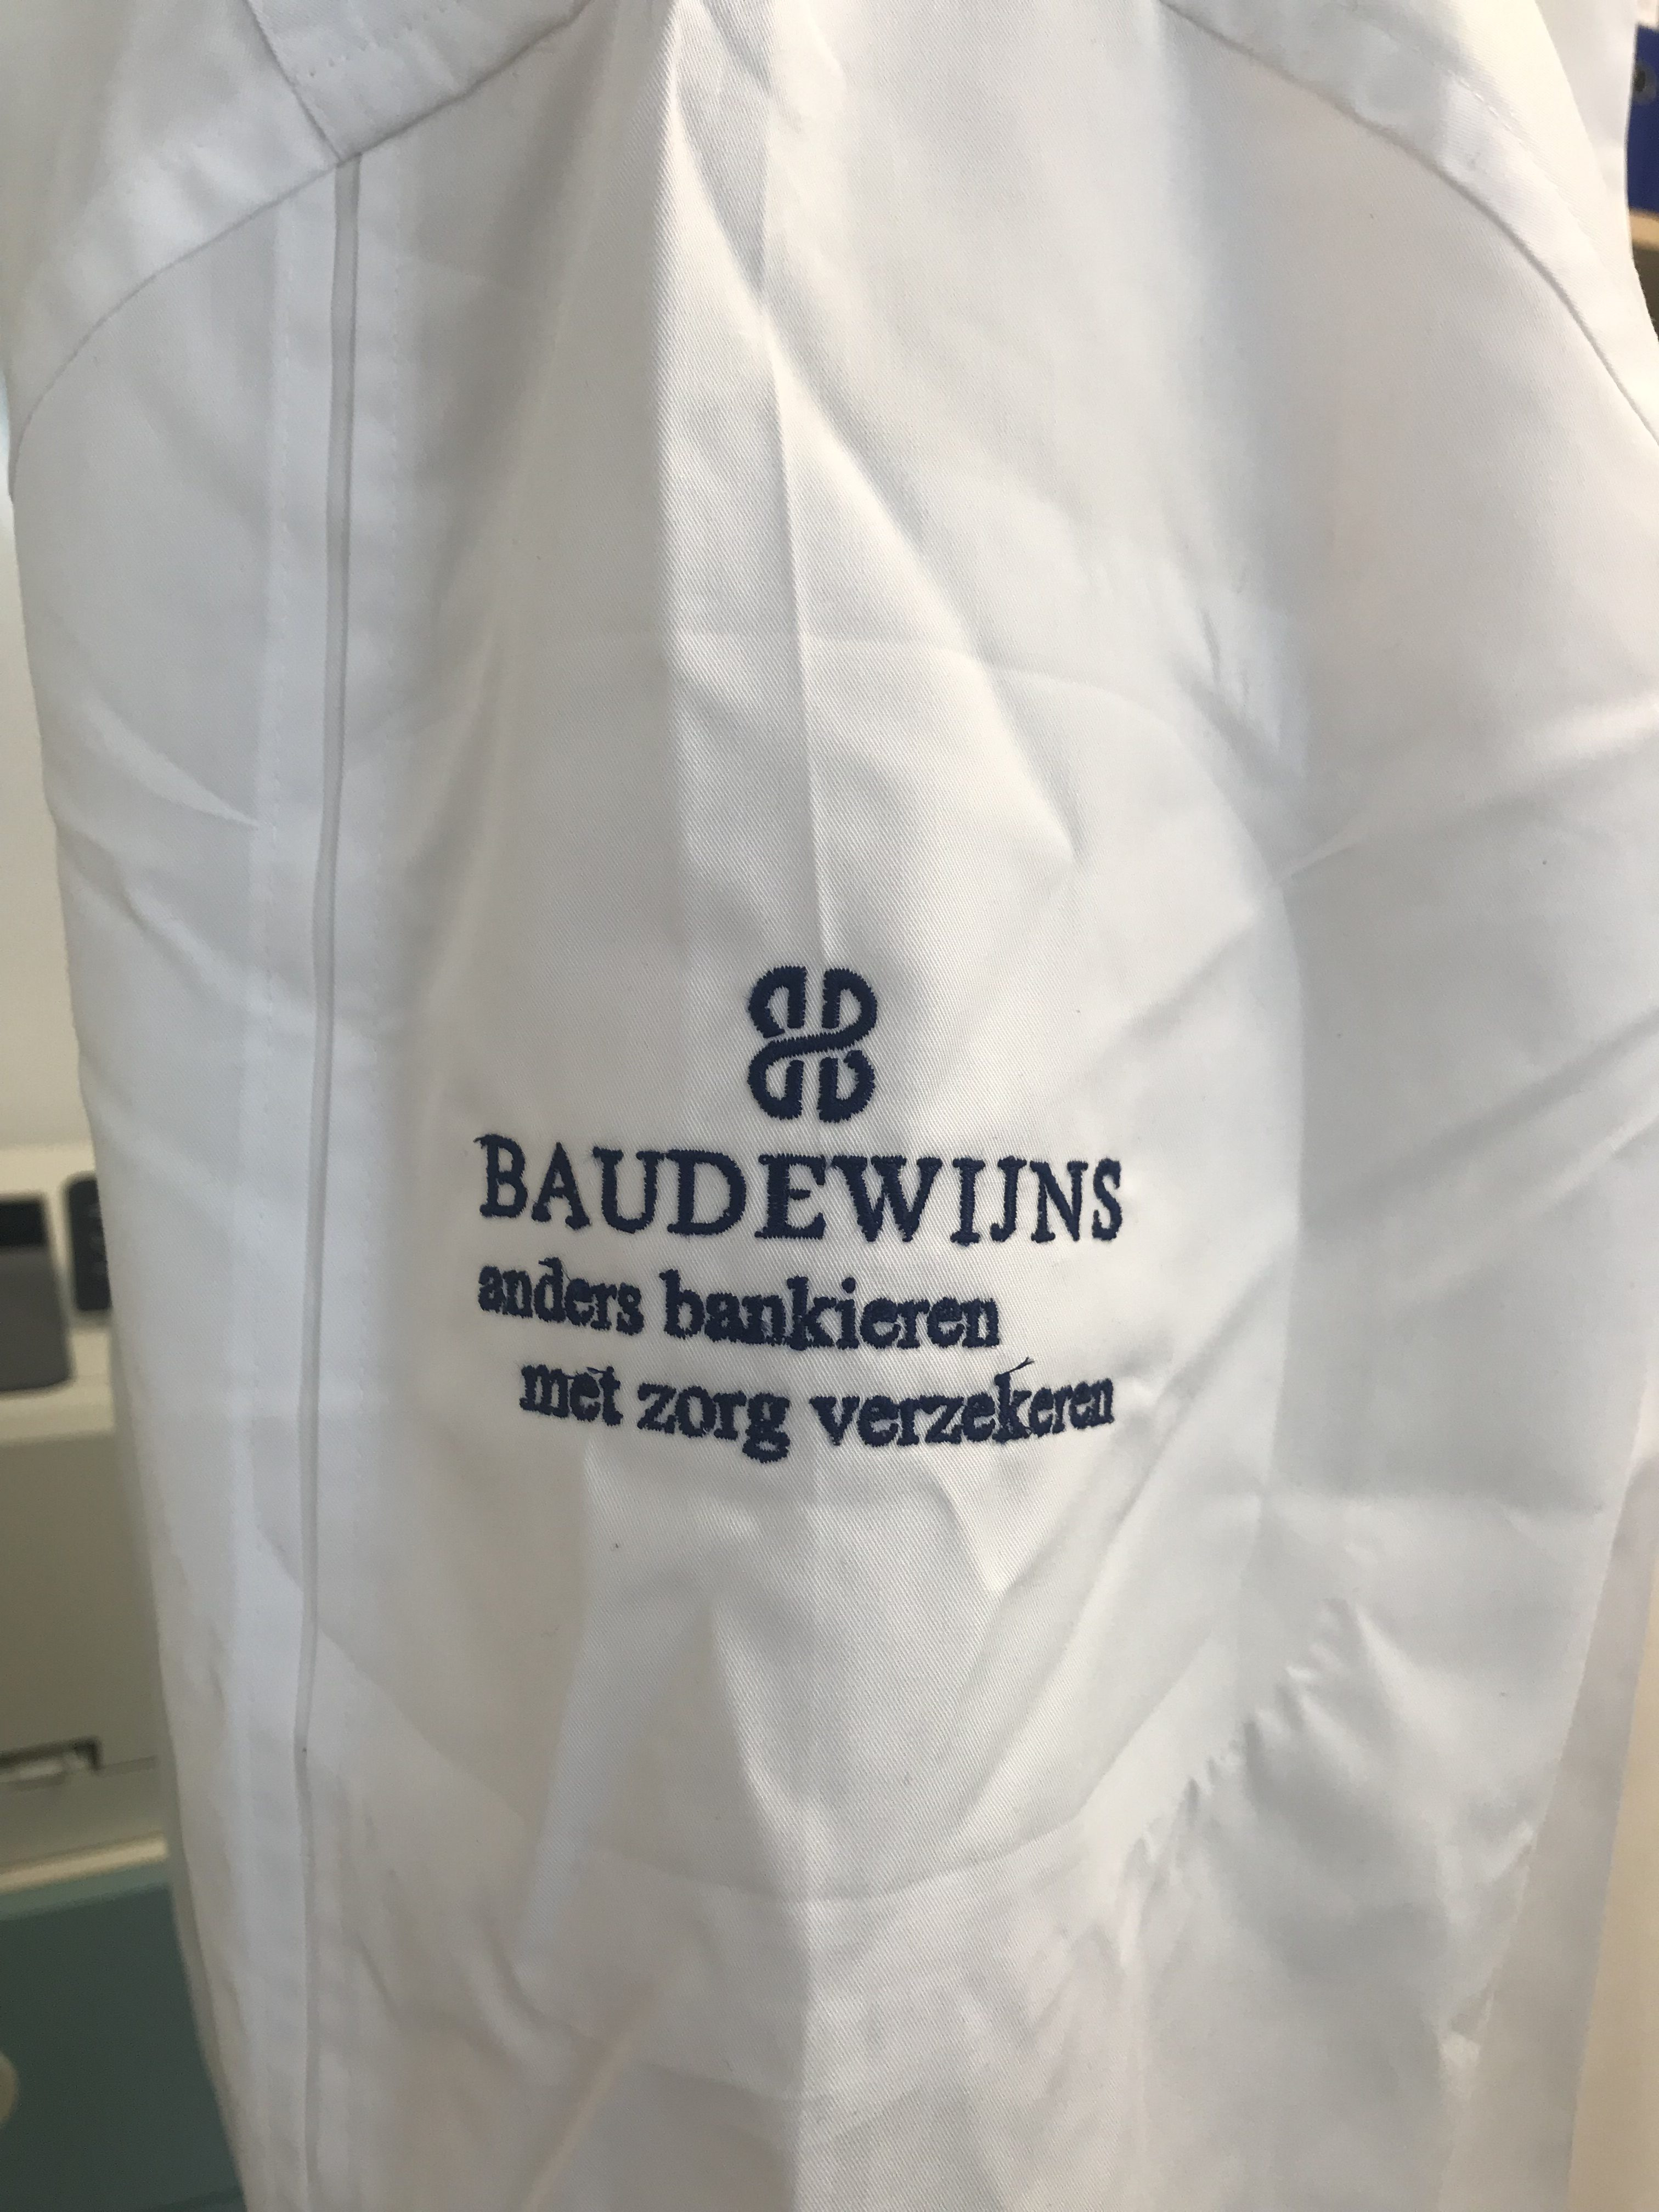 Bruno Baudewijns Crelan Bank borduren op kleding